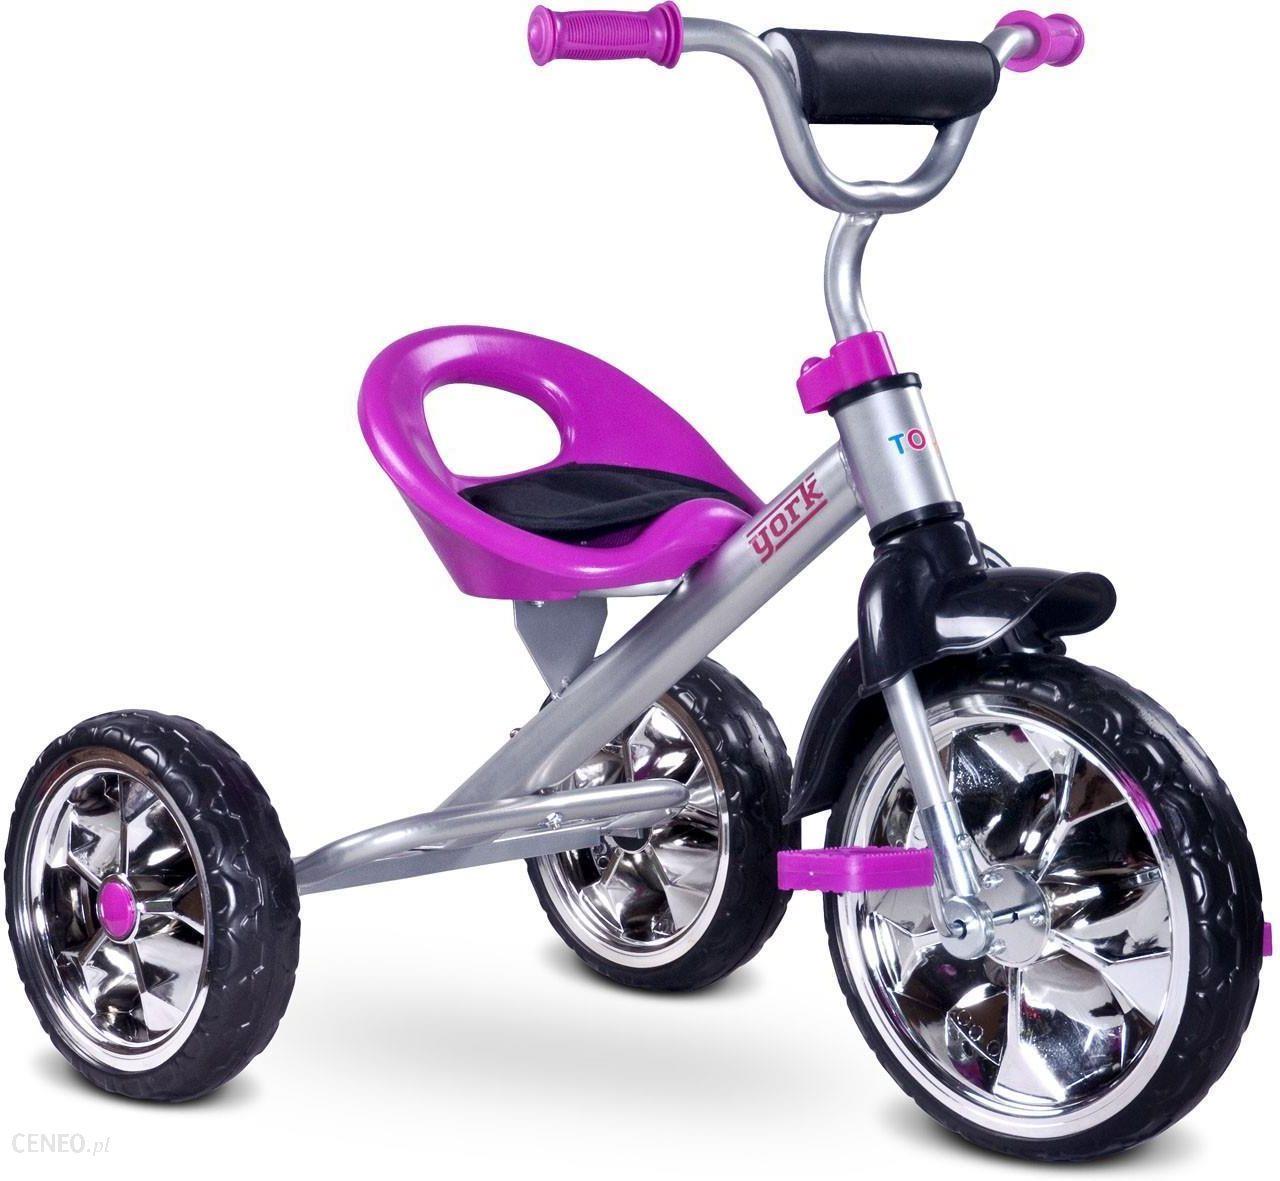 Toyz Rowerek 3 Kolowy York Purpurowy Ceny I Opinie Ceneo Pl